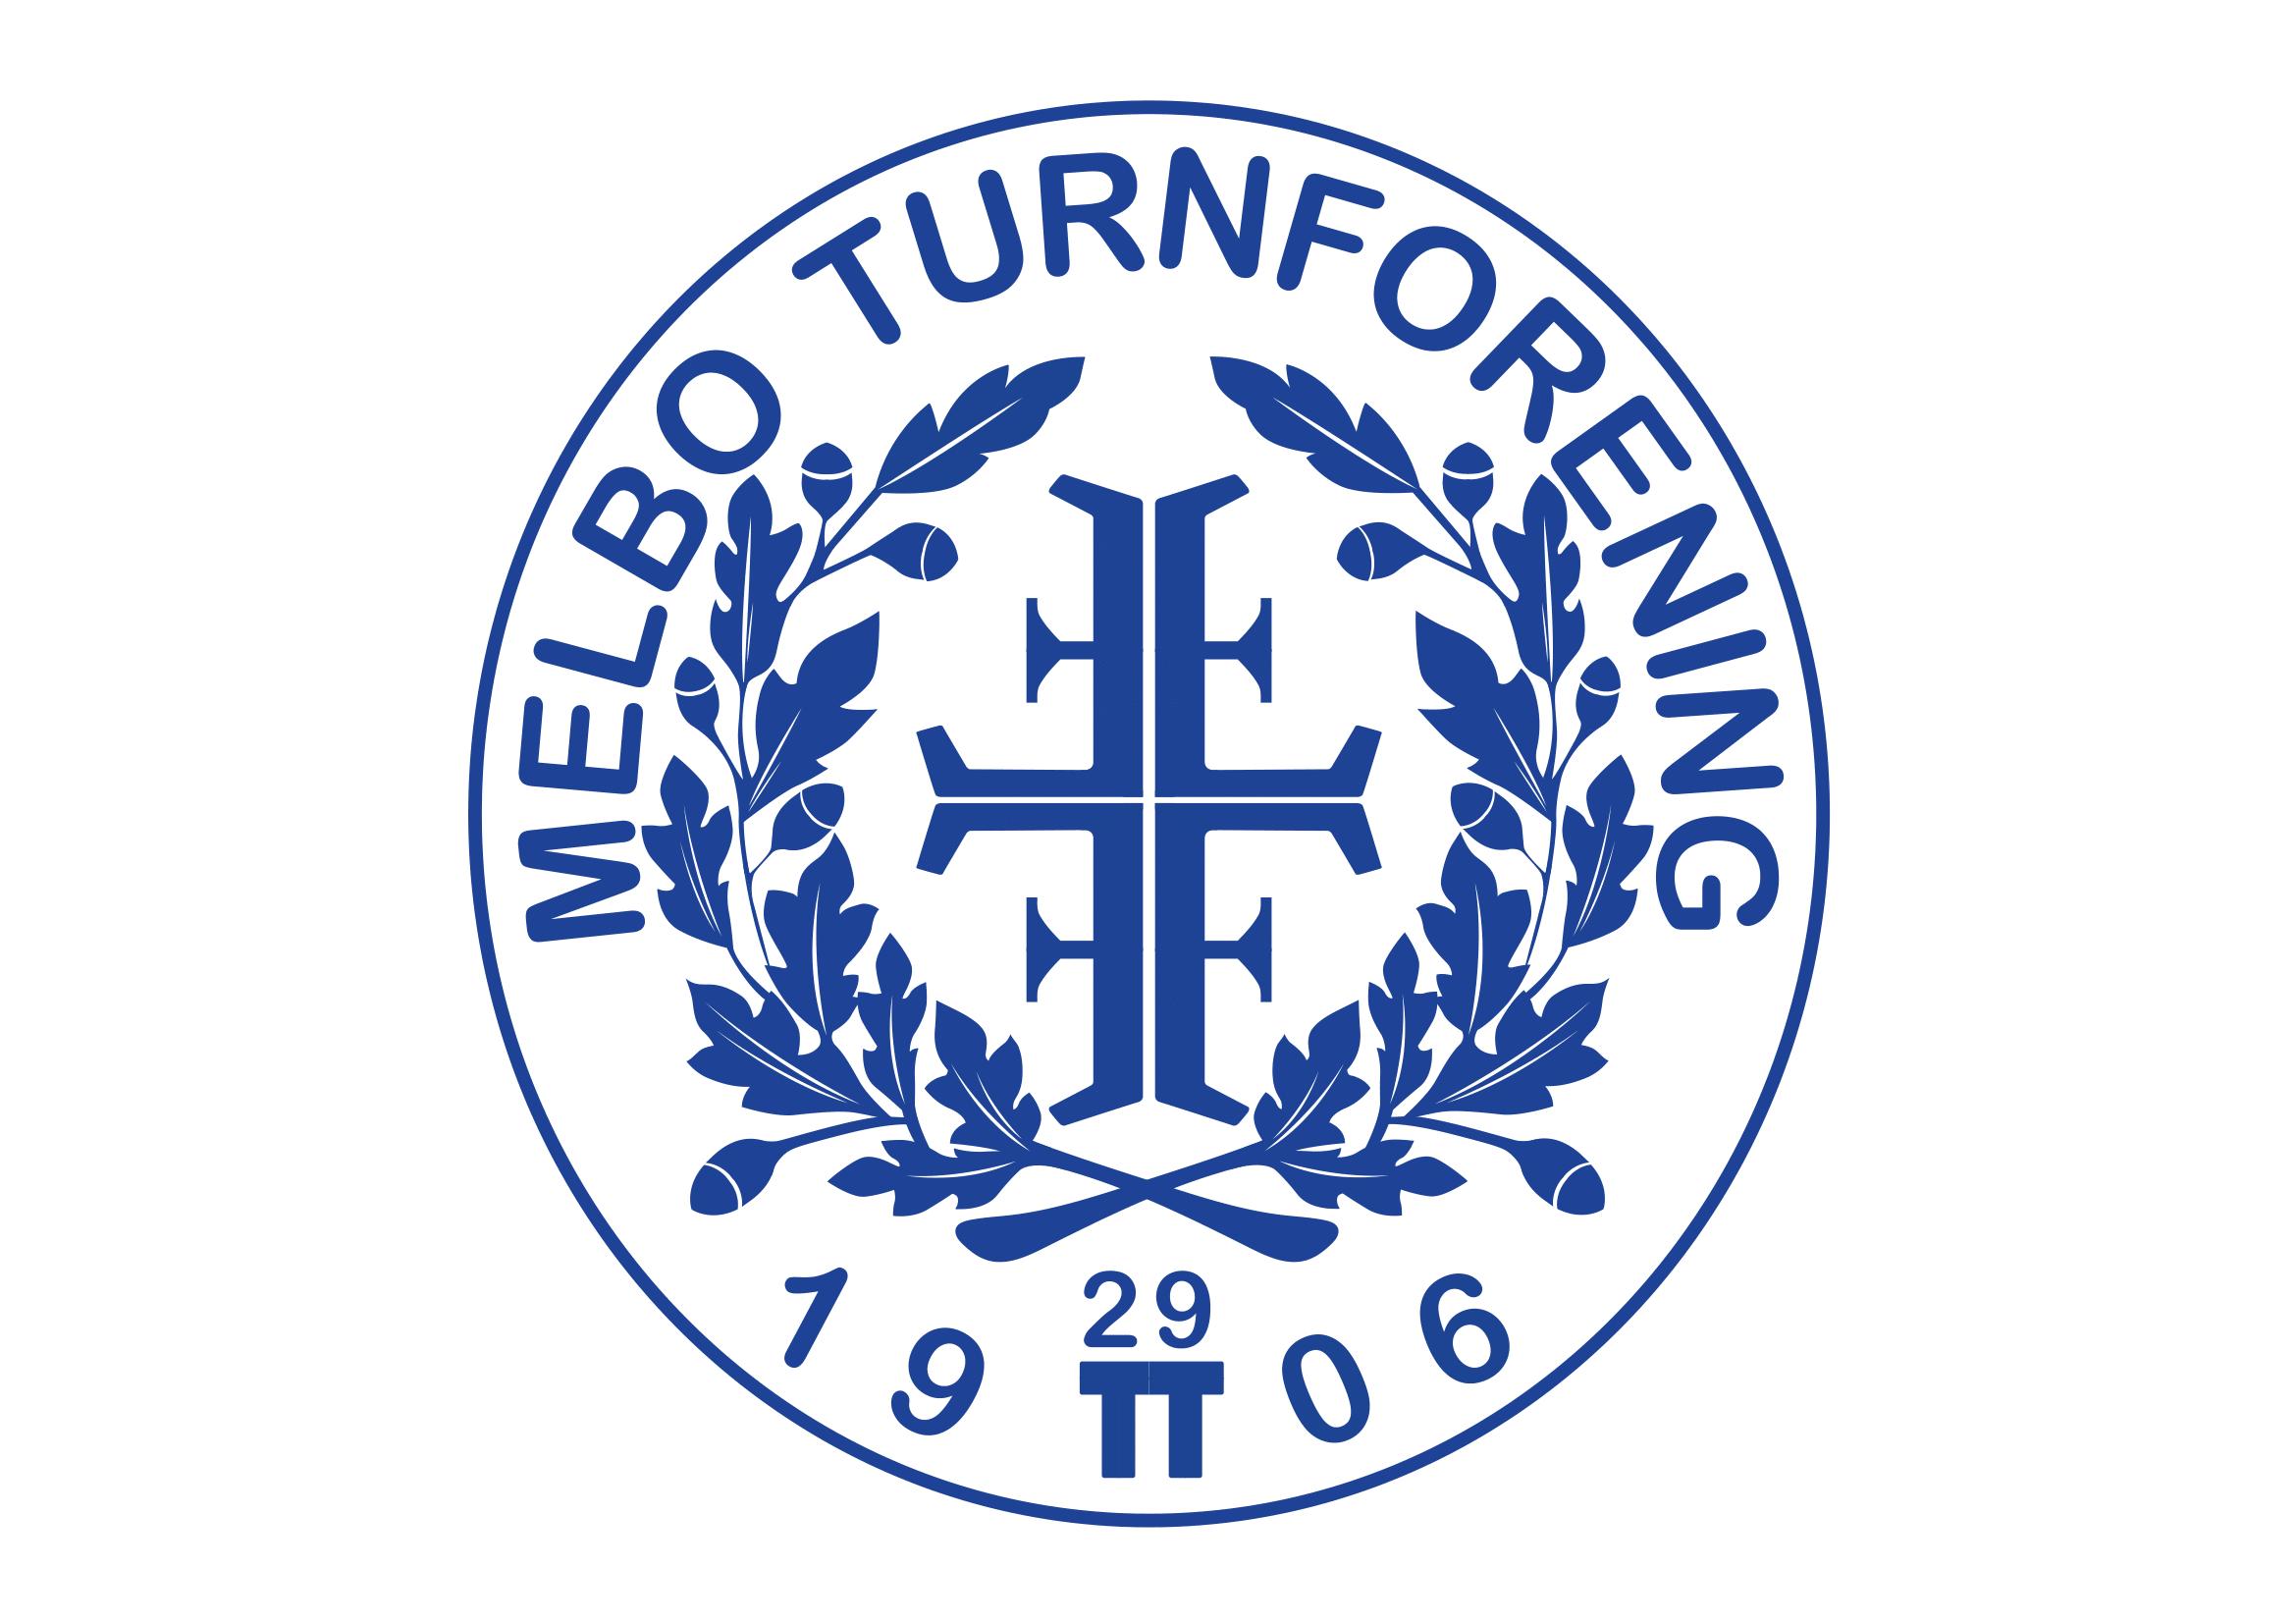 Melbo Turnforening